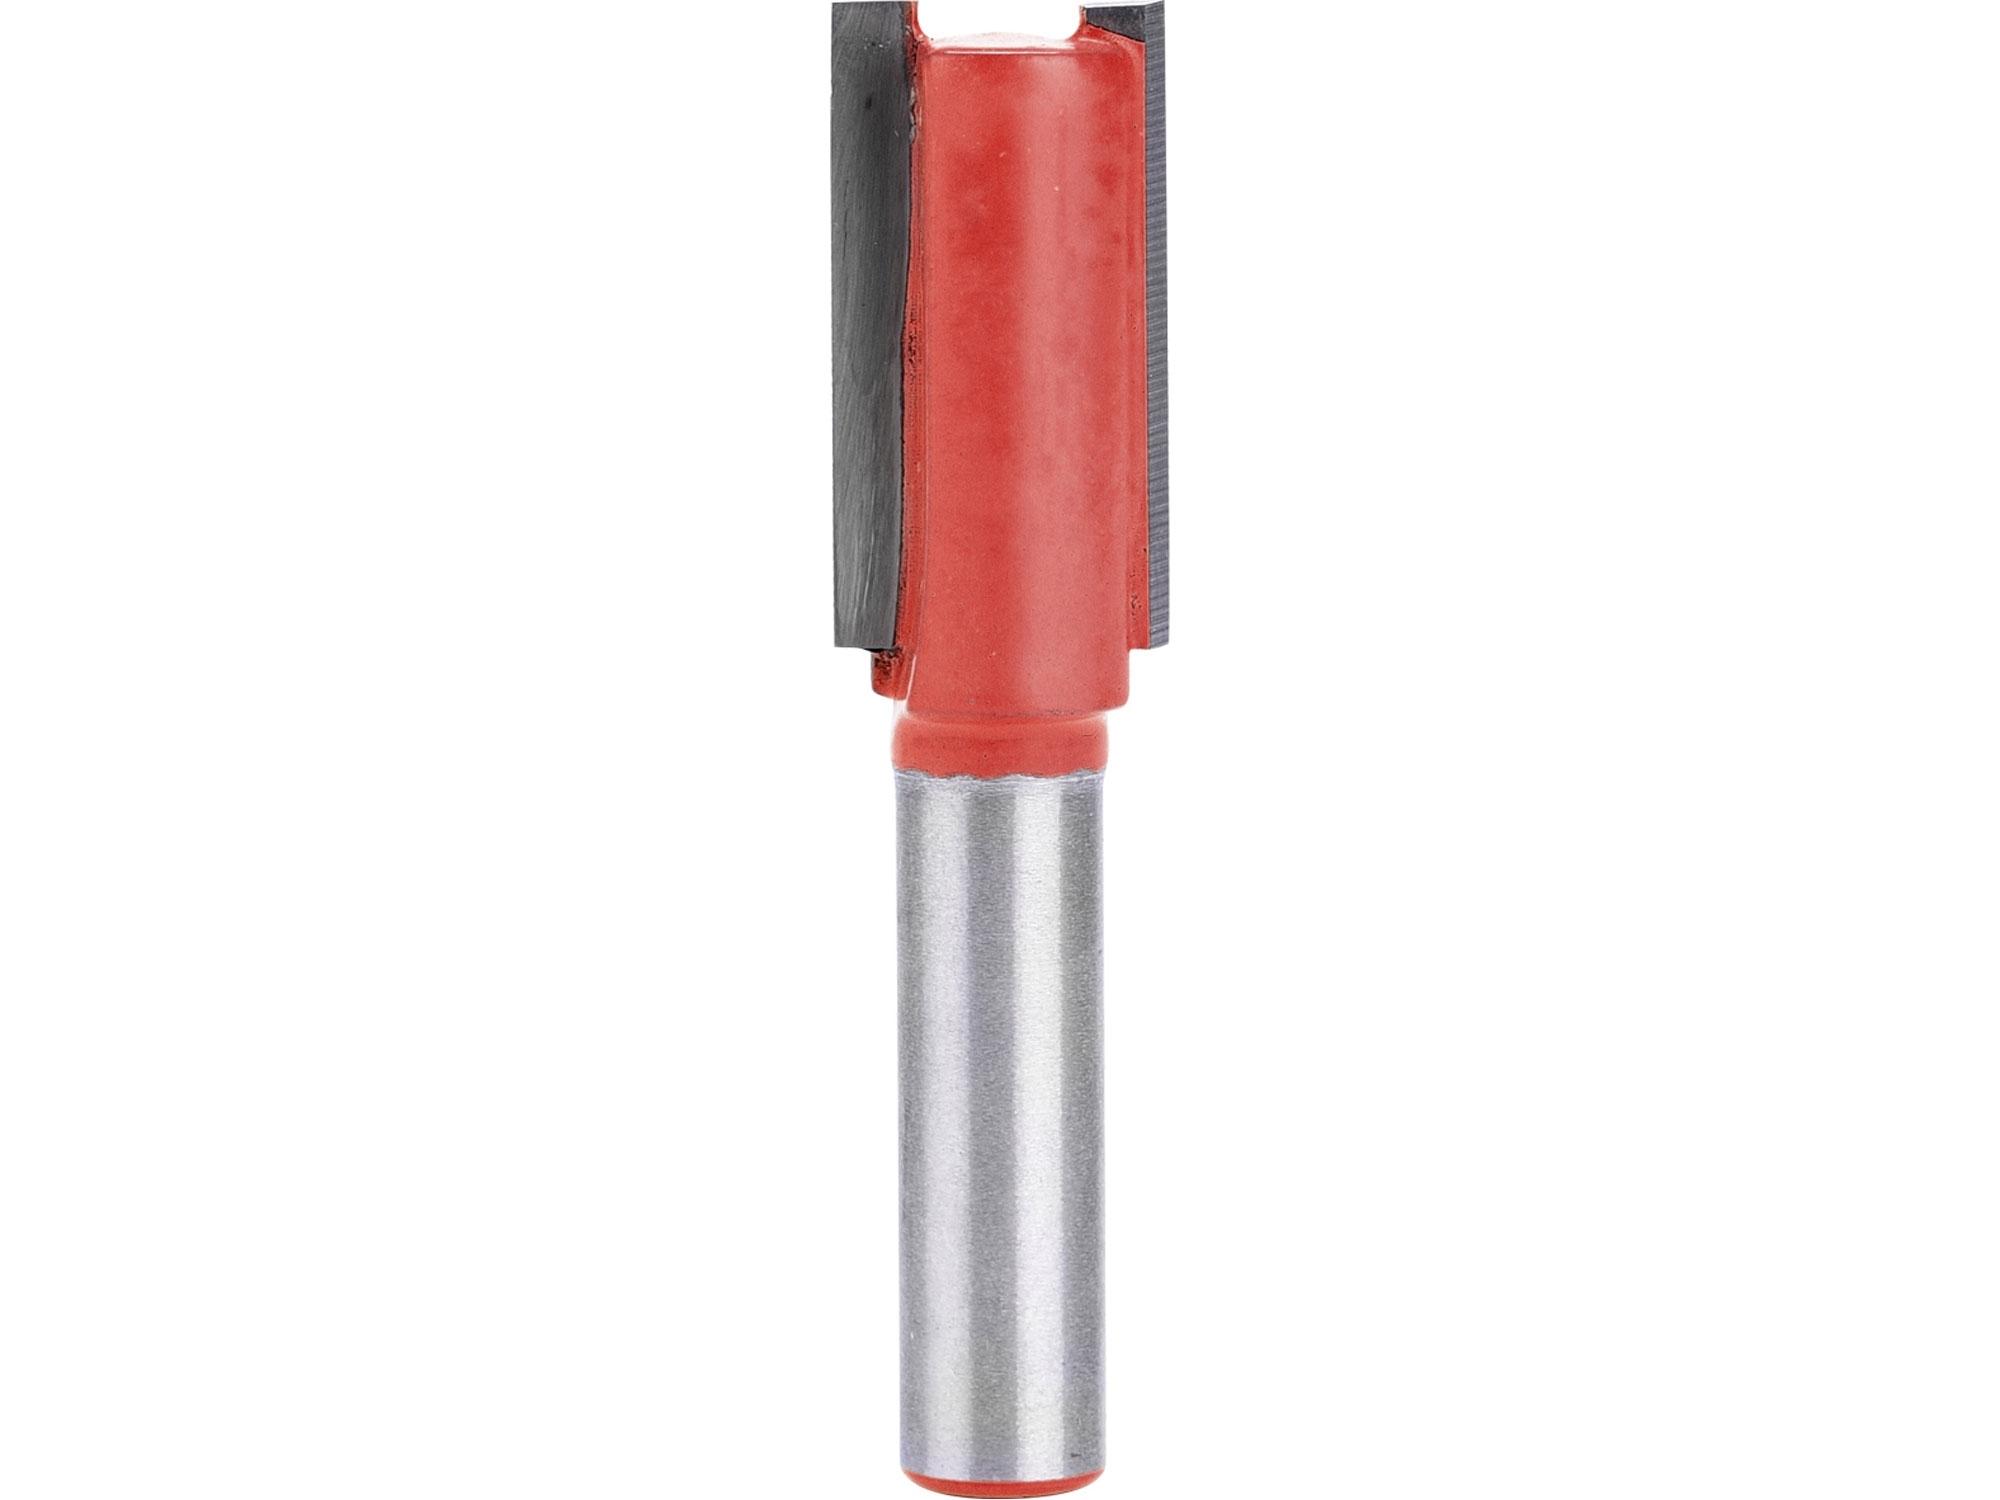 fréza drážkovací do dřeva, D16xH25, stopka 8mm